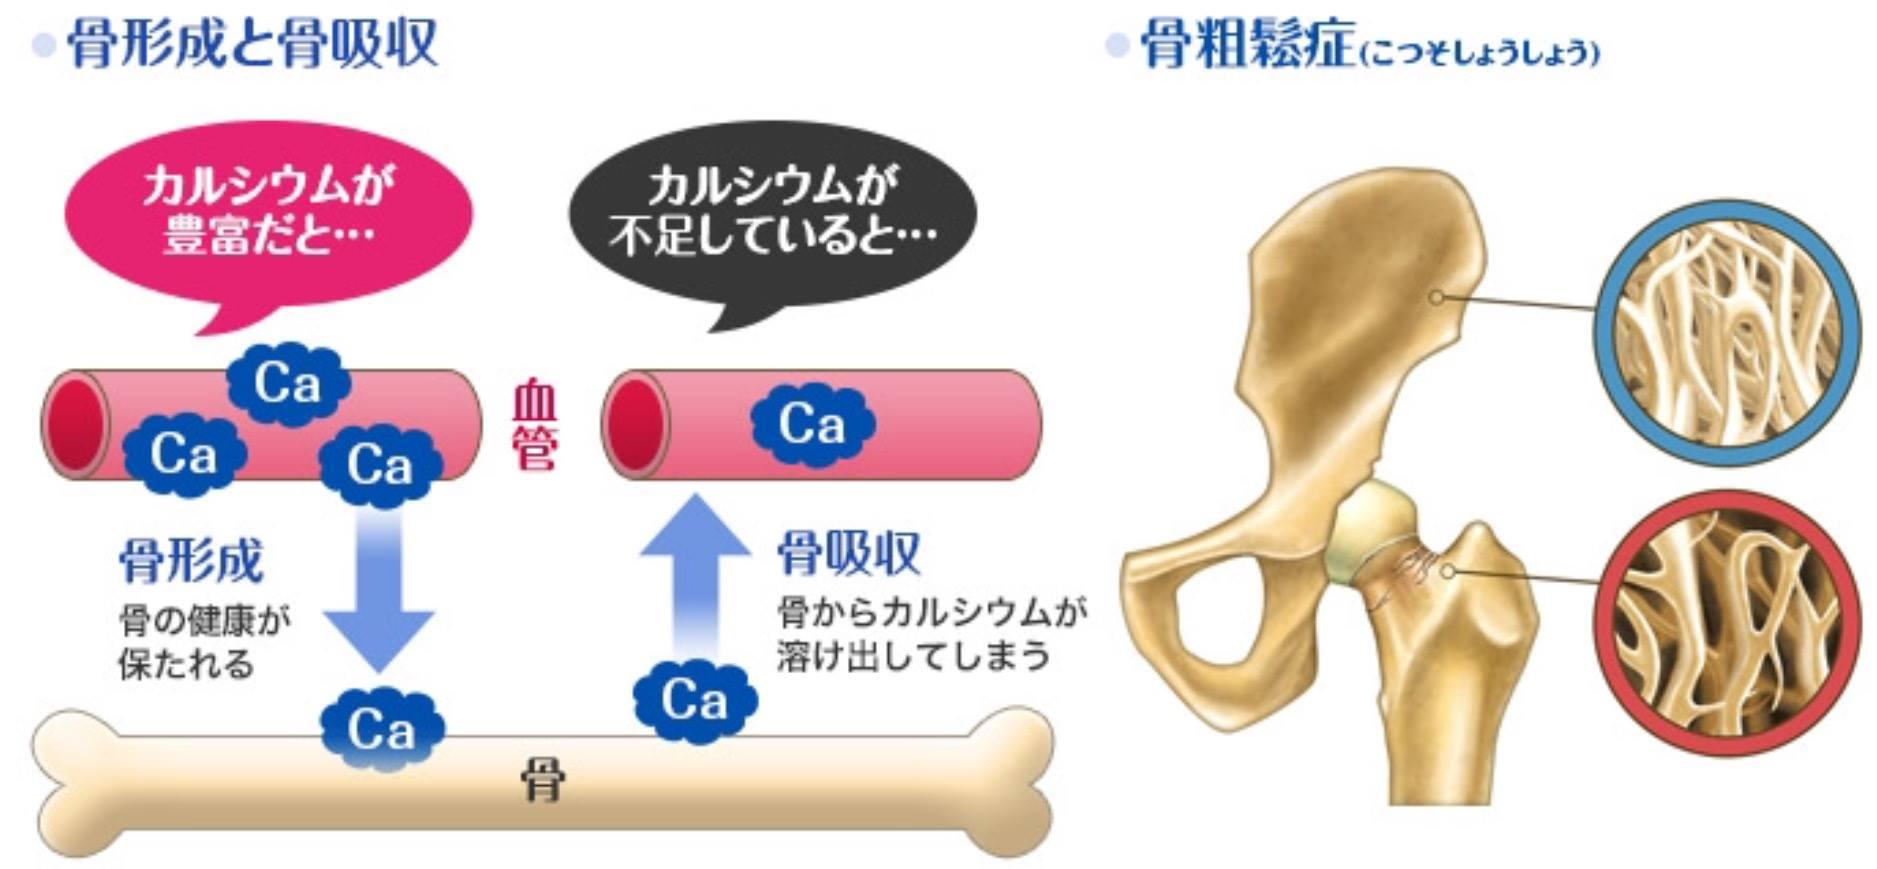 カルシウム不足が持続すると骨粗鬆症を引き起こすことを示す図